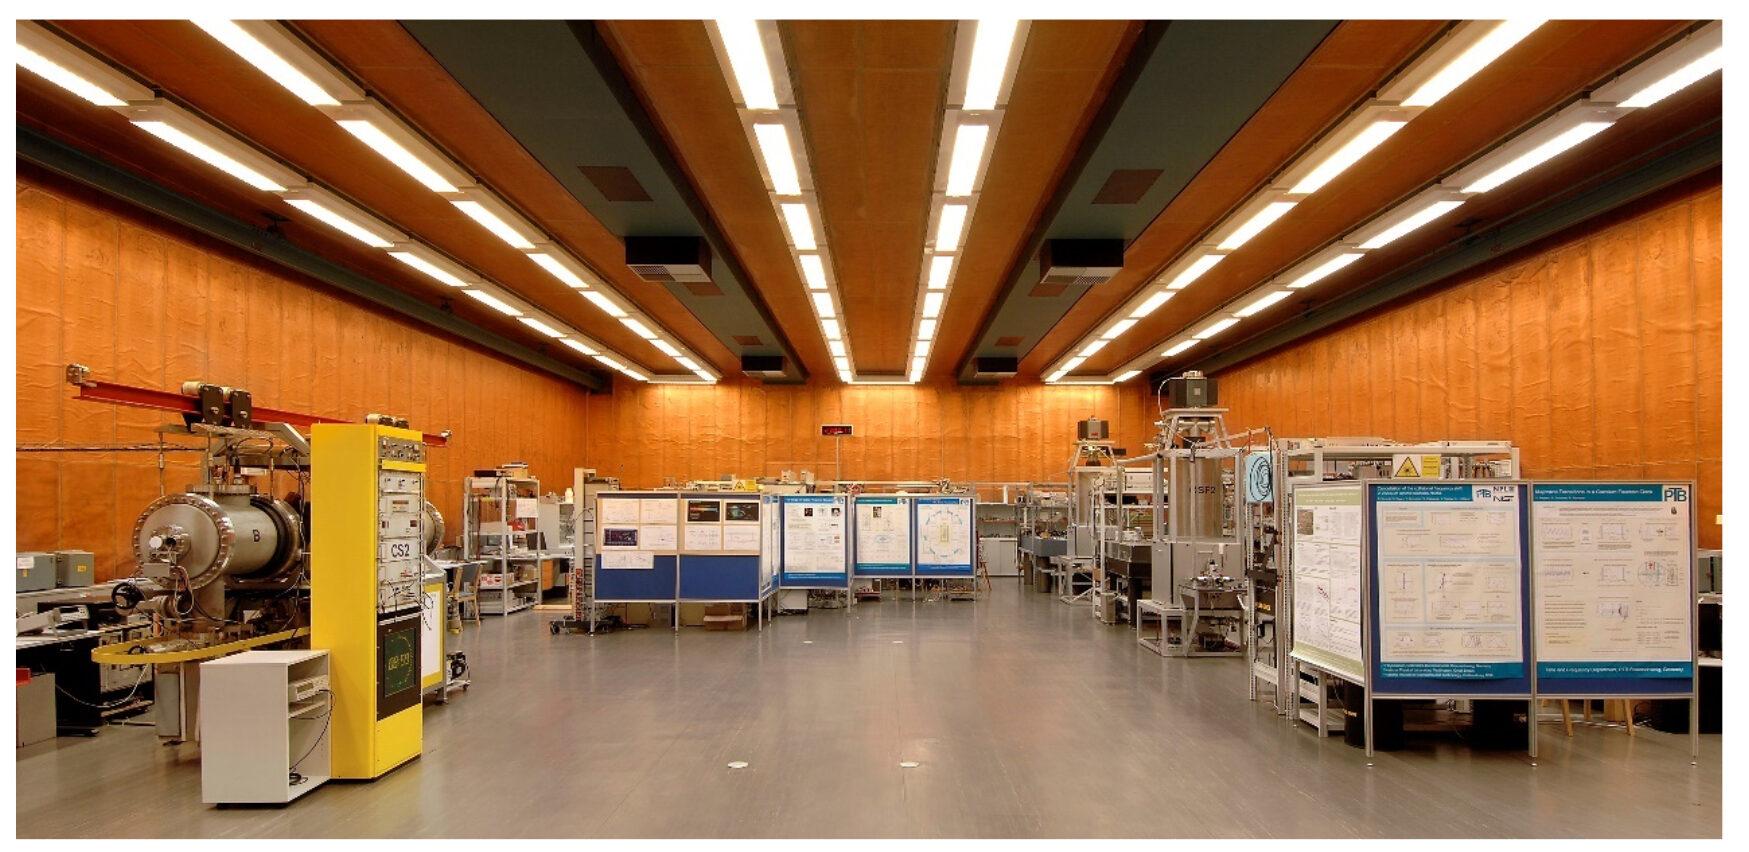 Eine große mit Deckenlampen beleuchtete Halle mit Atomuhren und wissenschaftlichen Postern